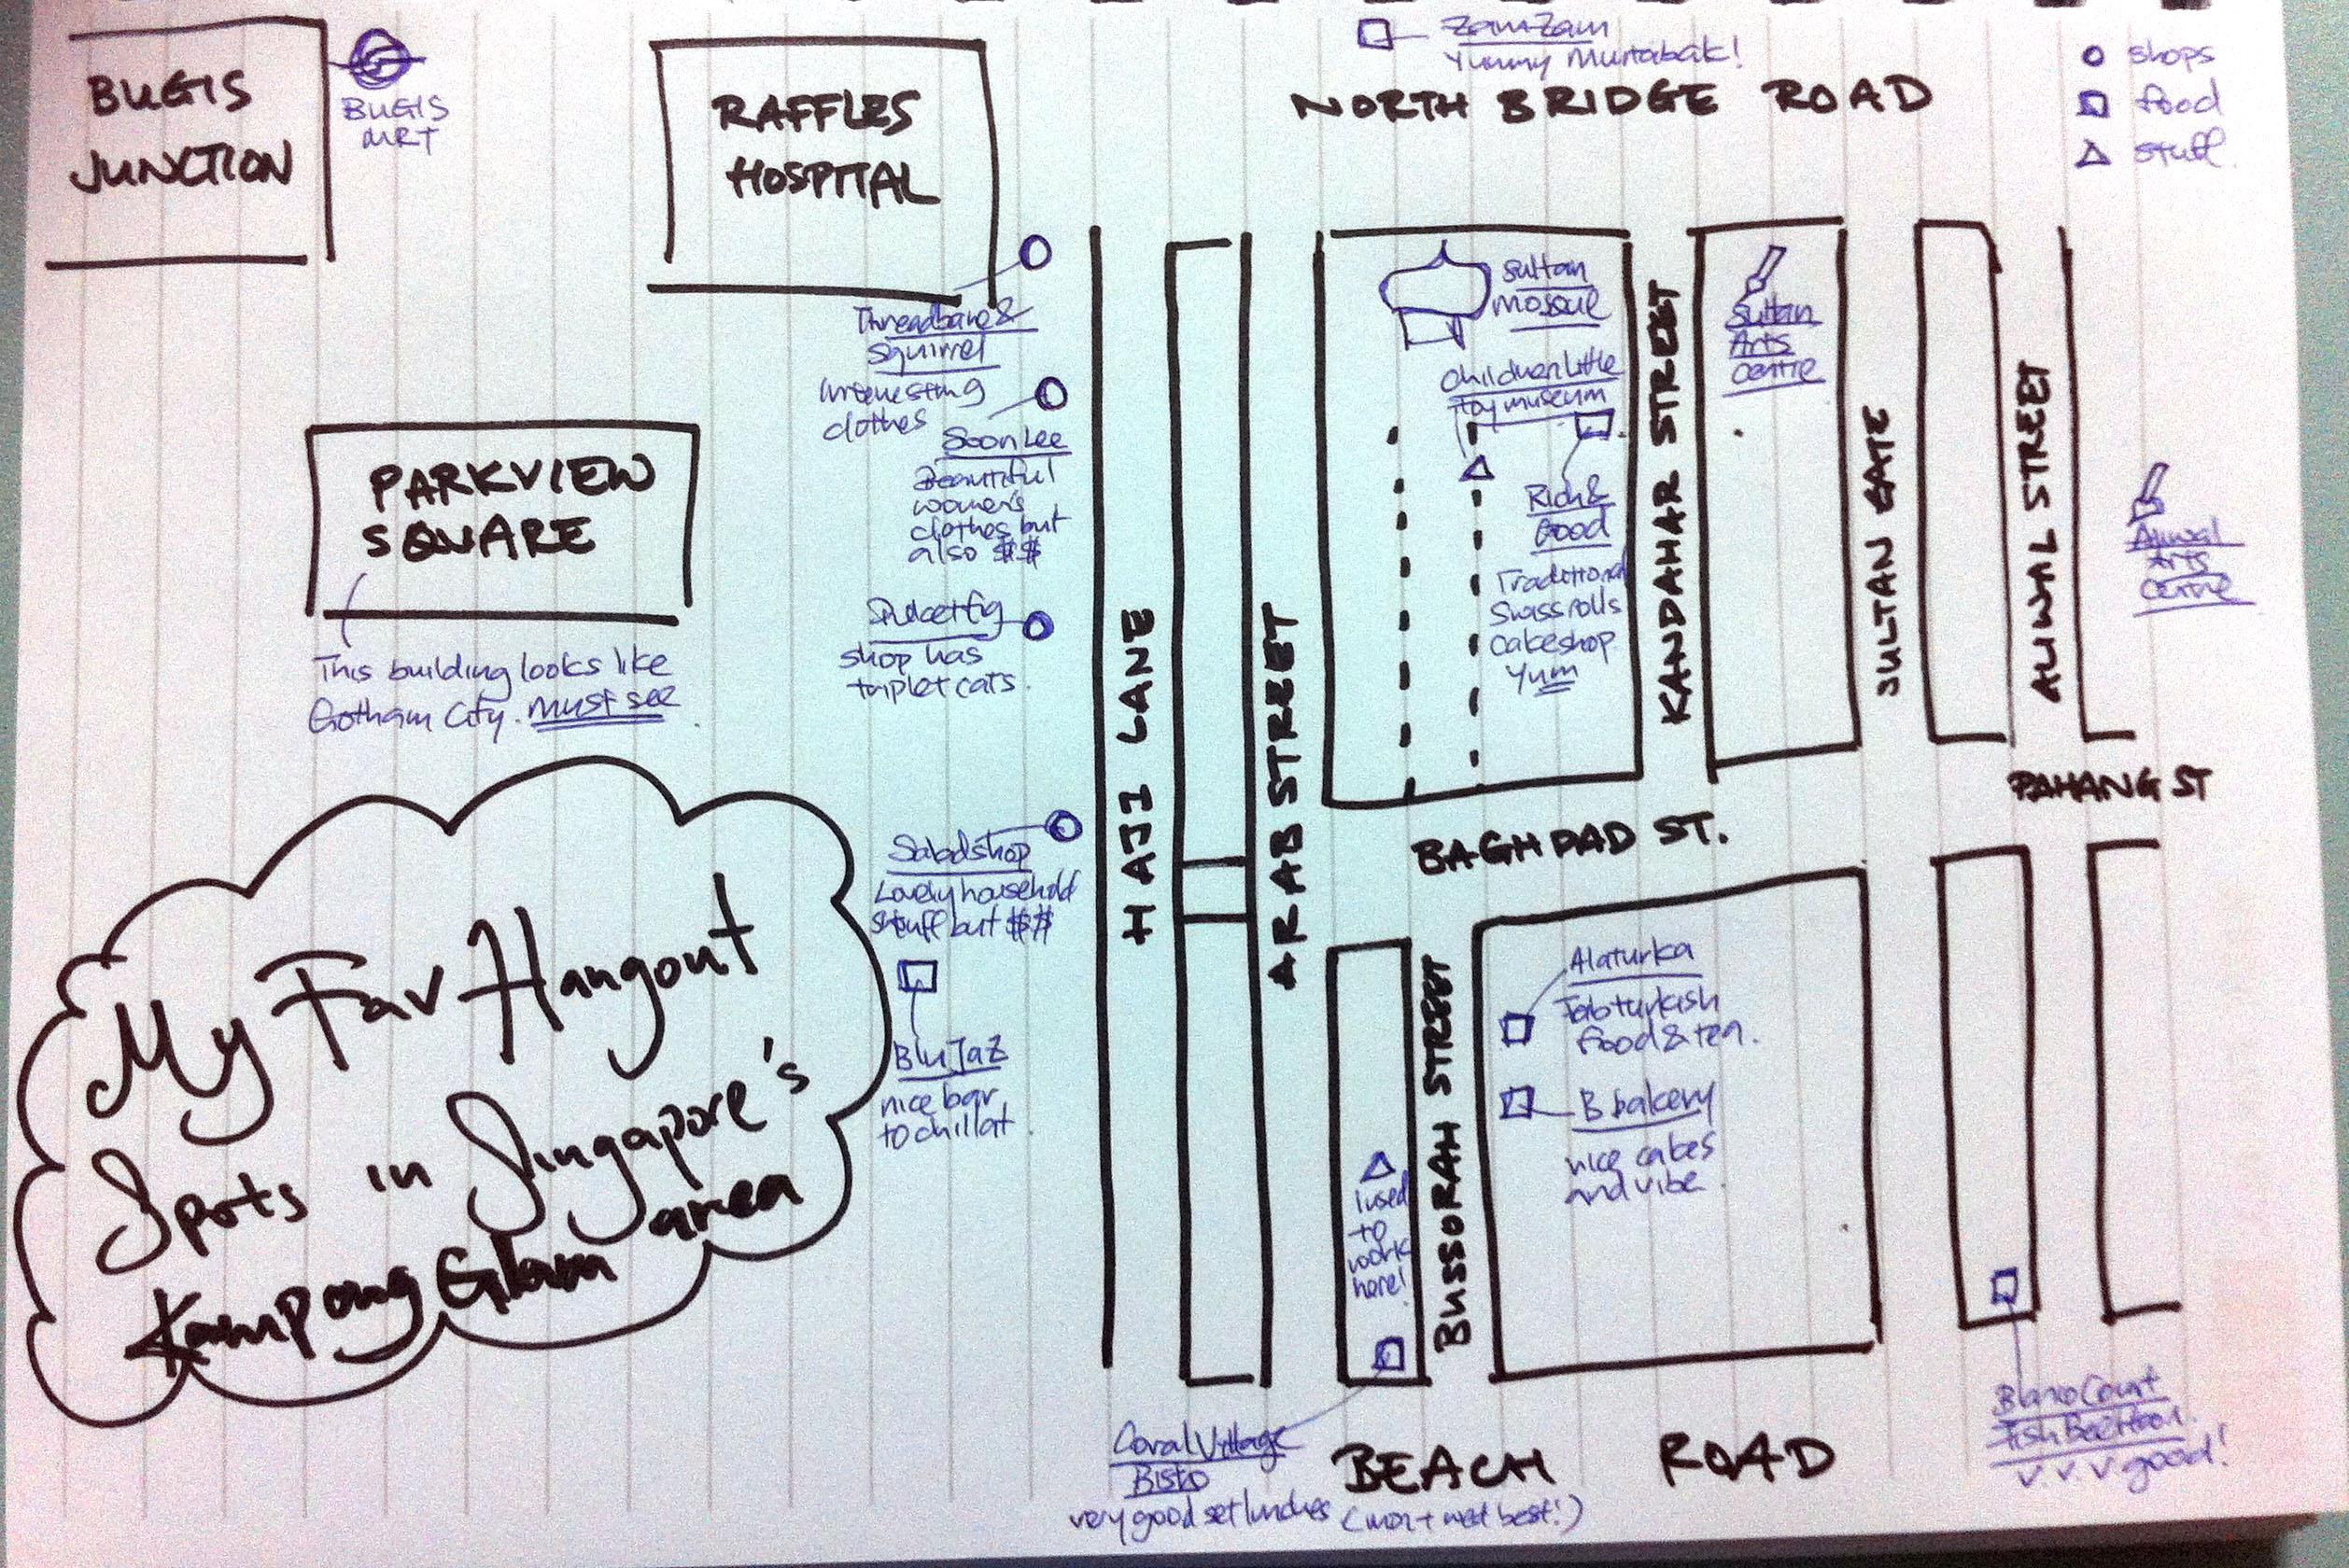 Jac's Mishap Map - image 5 - student project